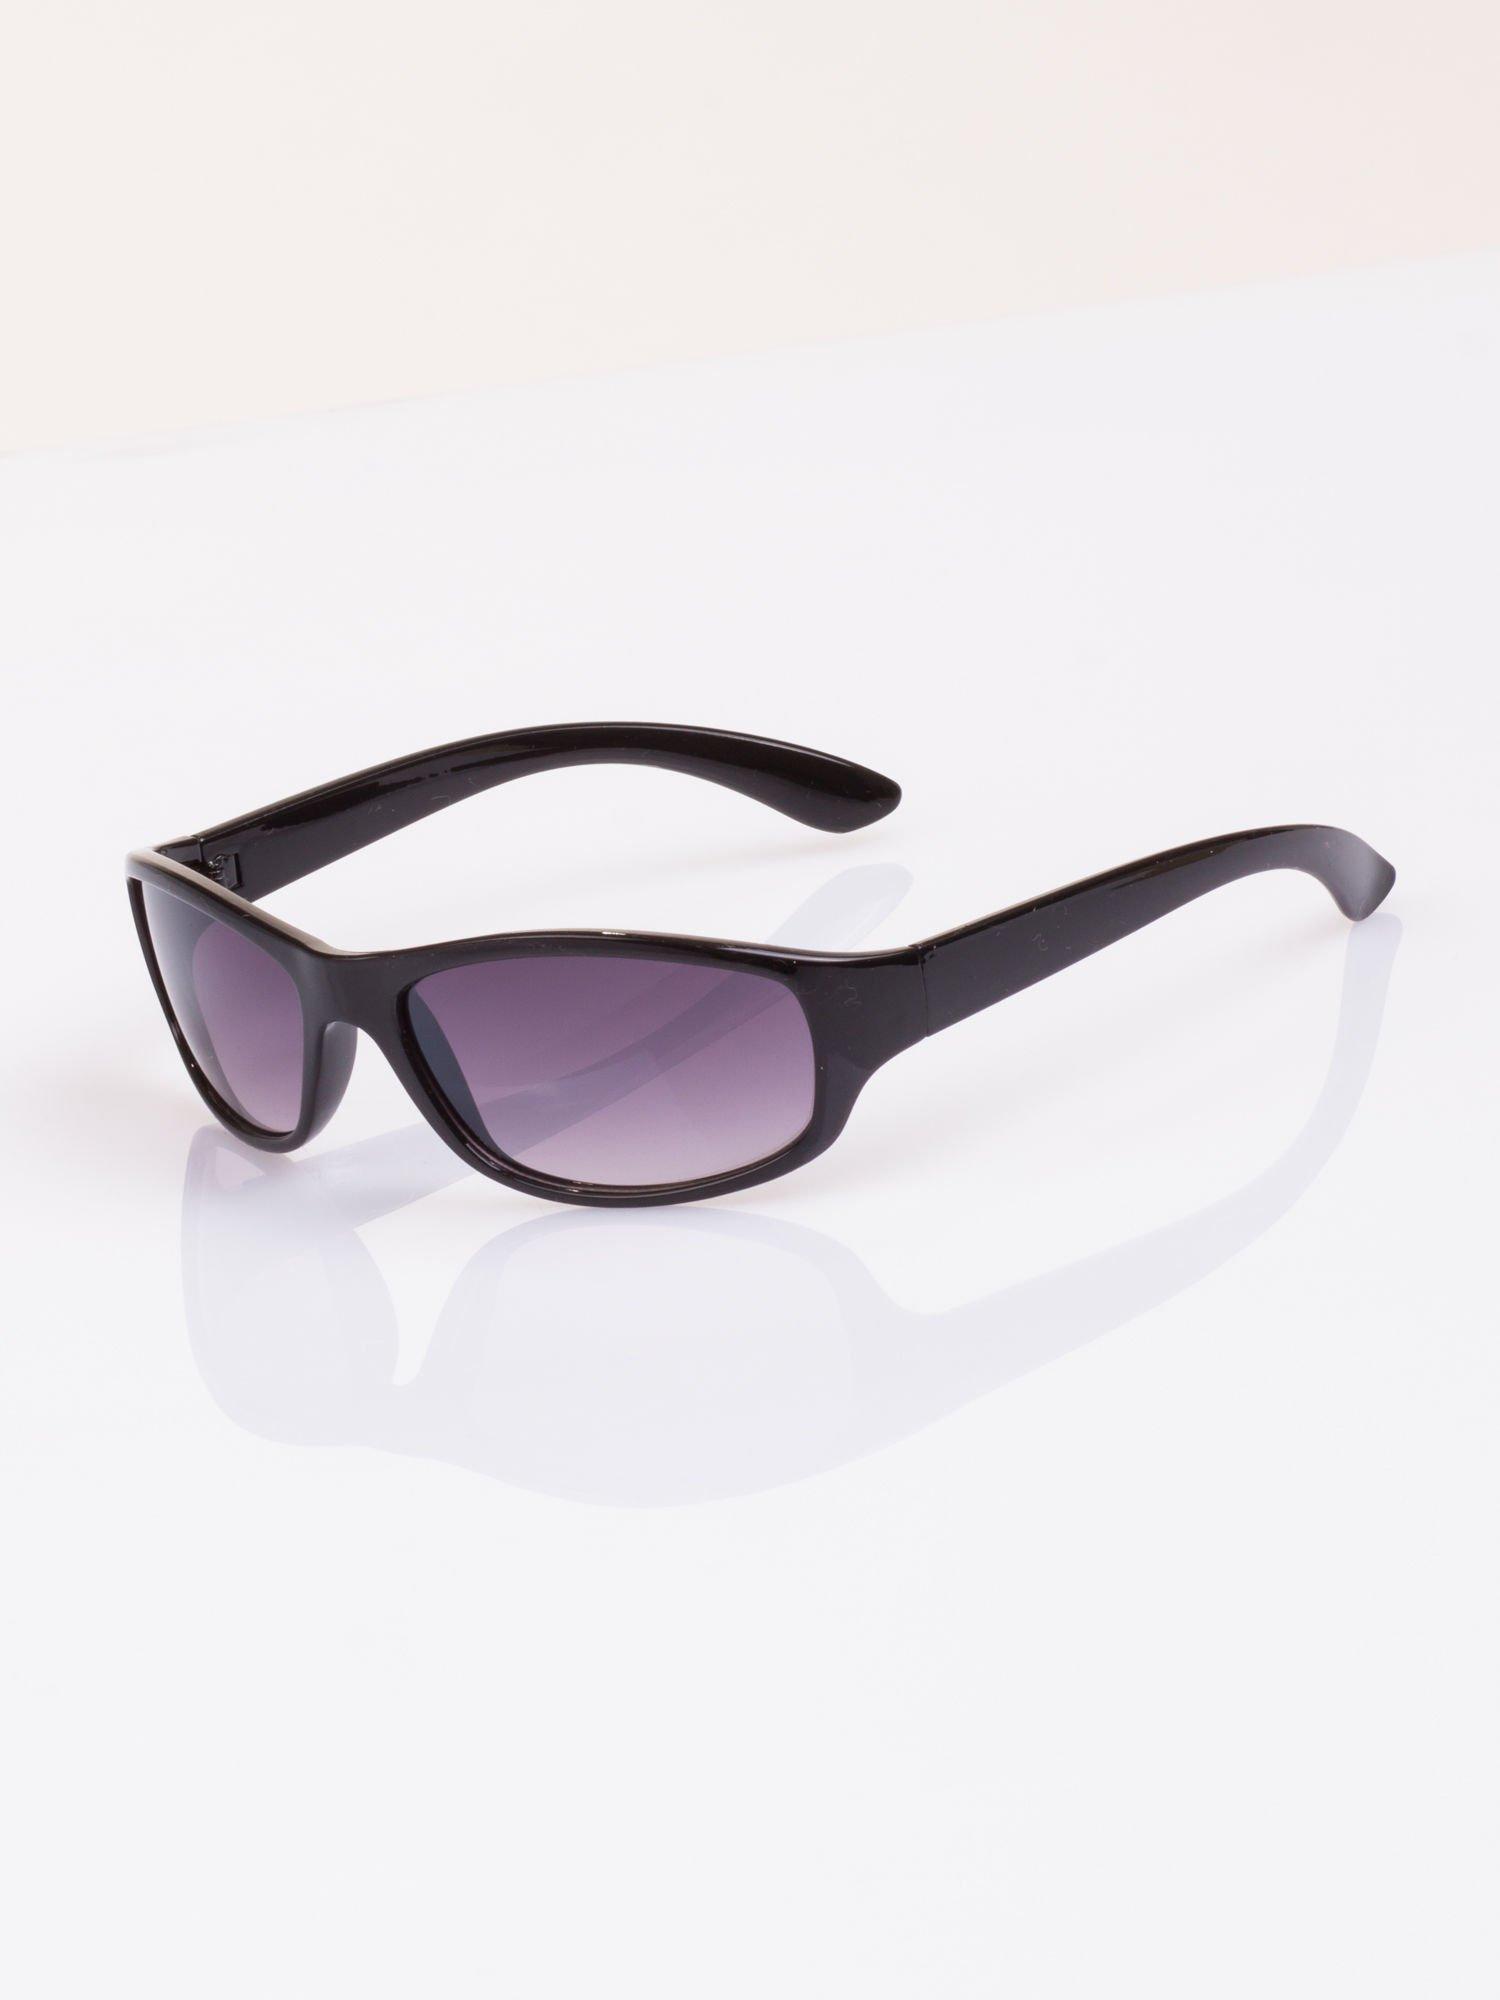 Okulary przeciwsłoneczne na rower: Czym się kierowca przy